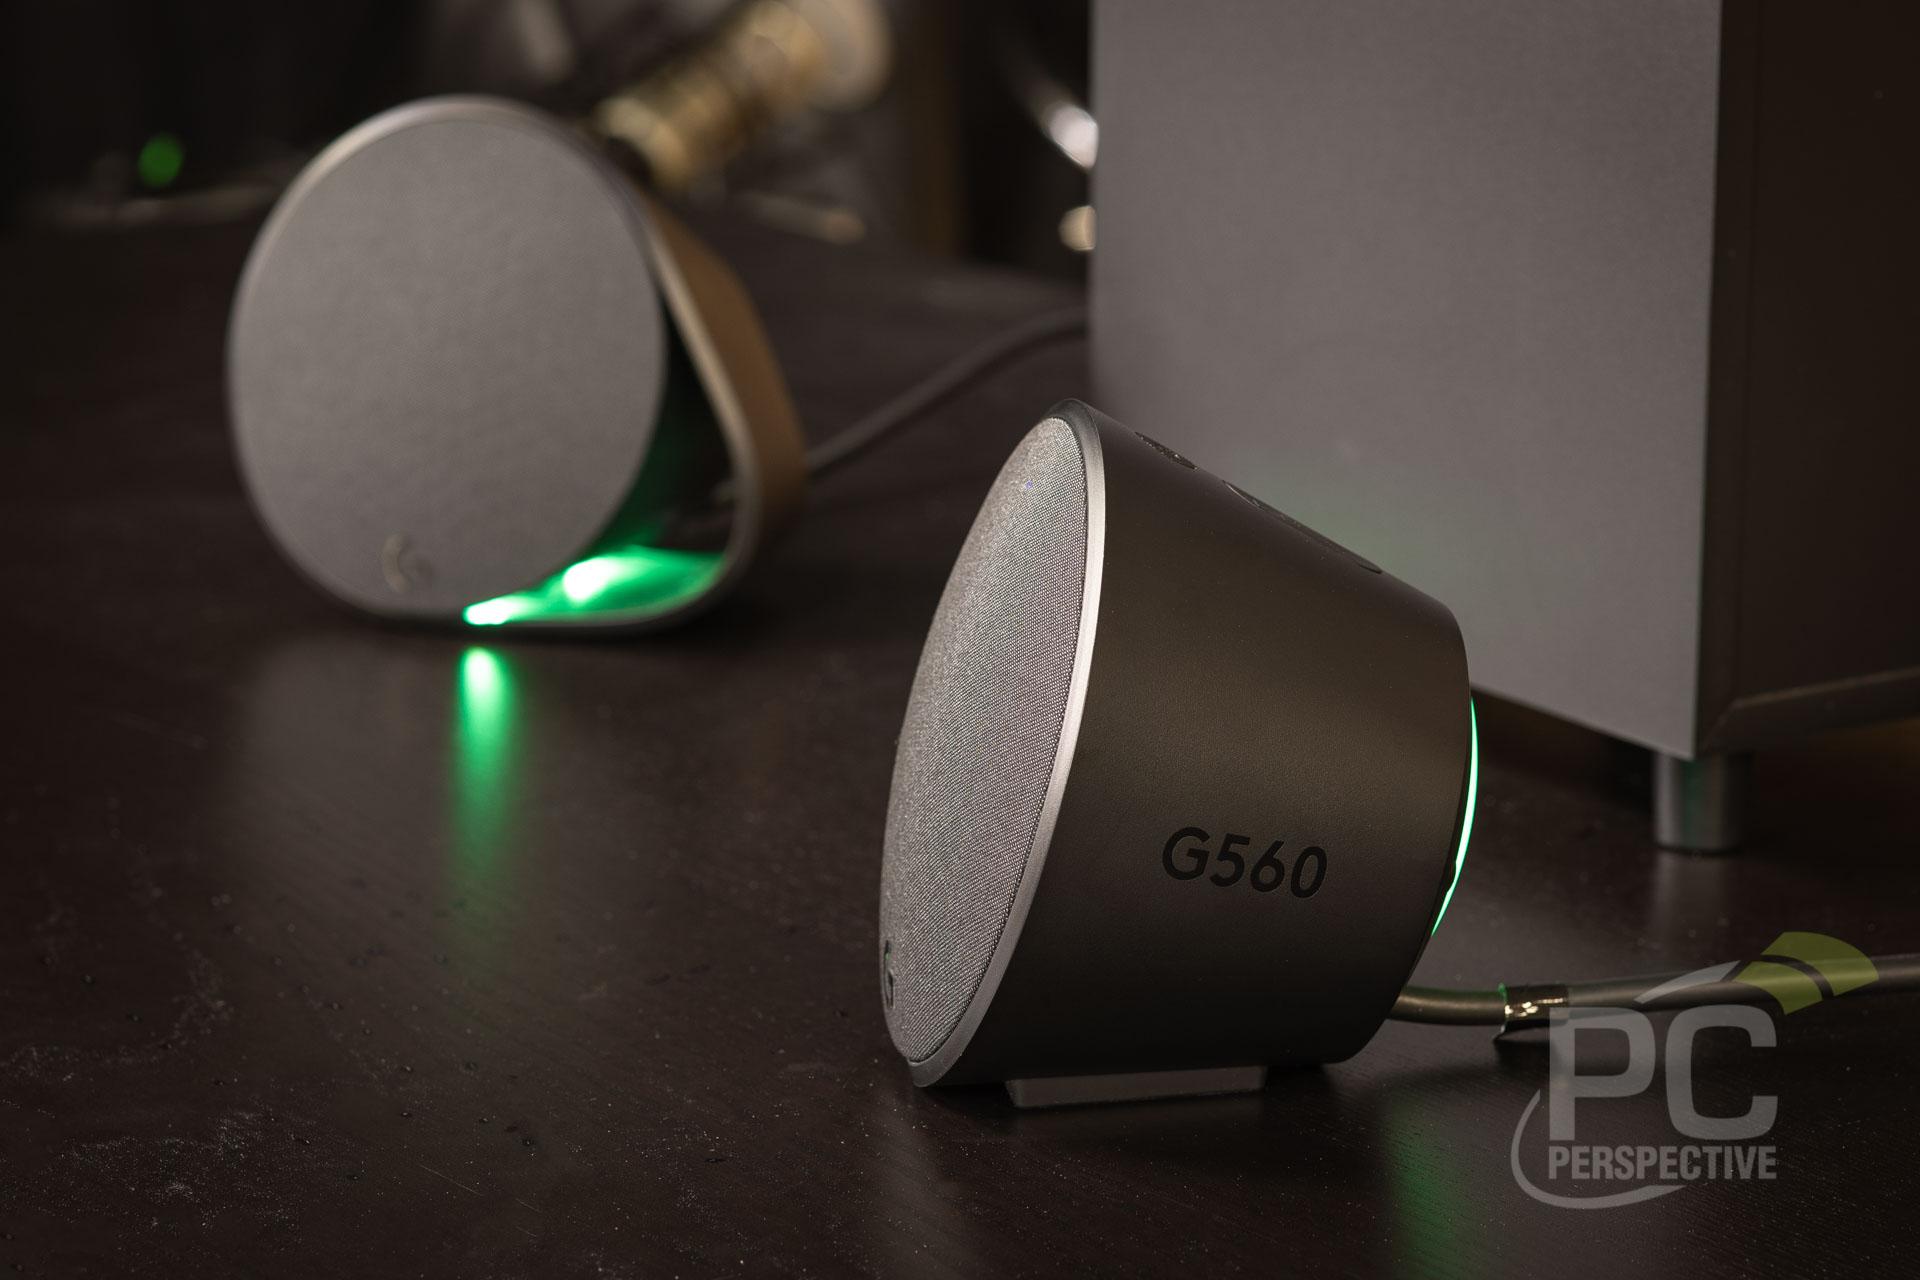 logitech-g560-rgb-speaker-6.jpg